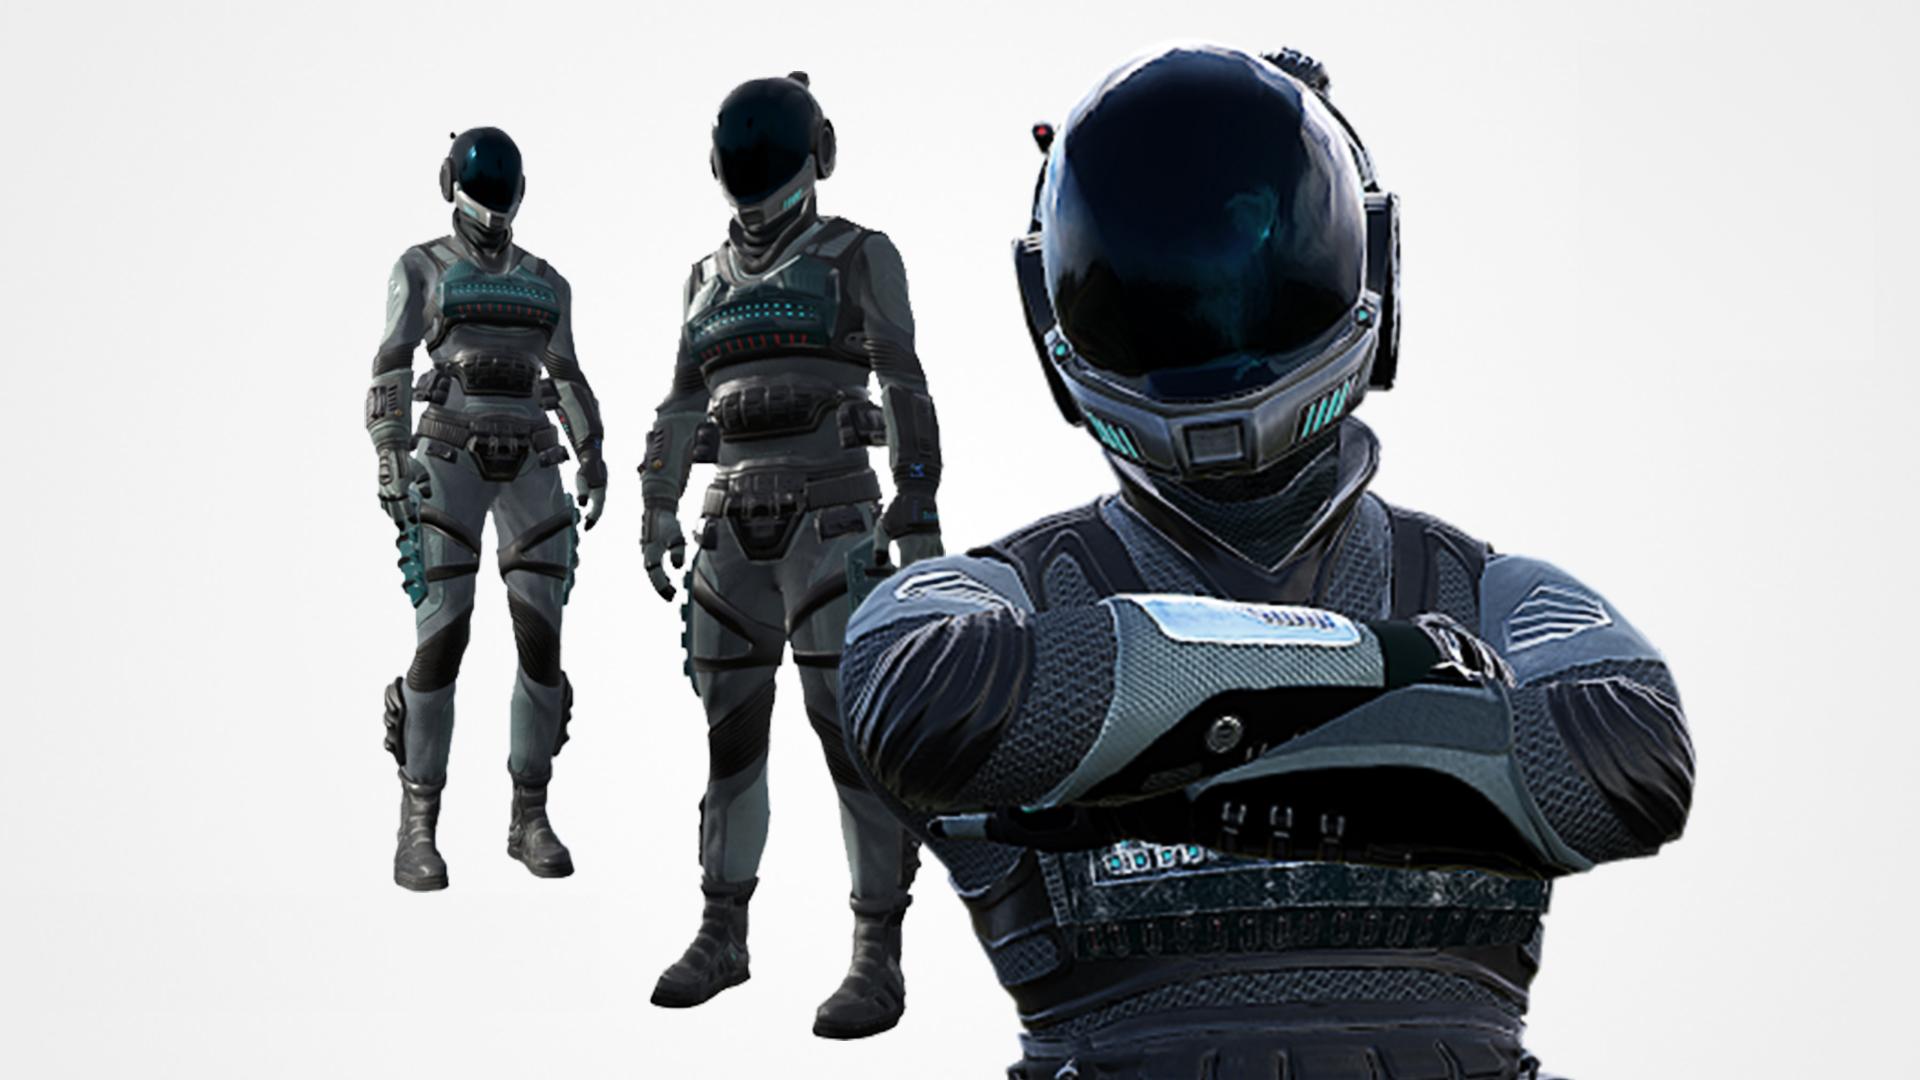 Sci-fi suit EC-1 modular pack